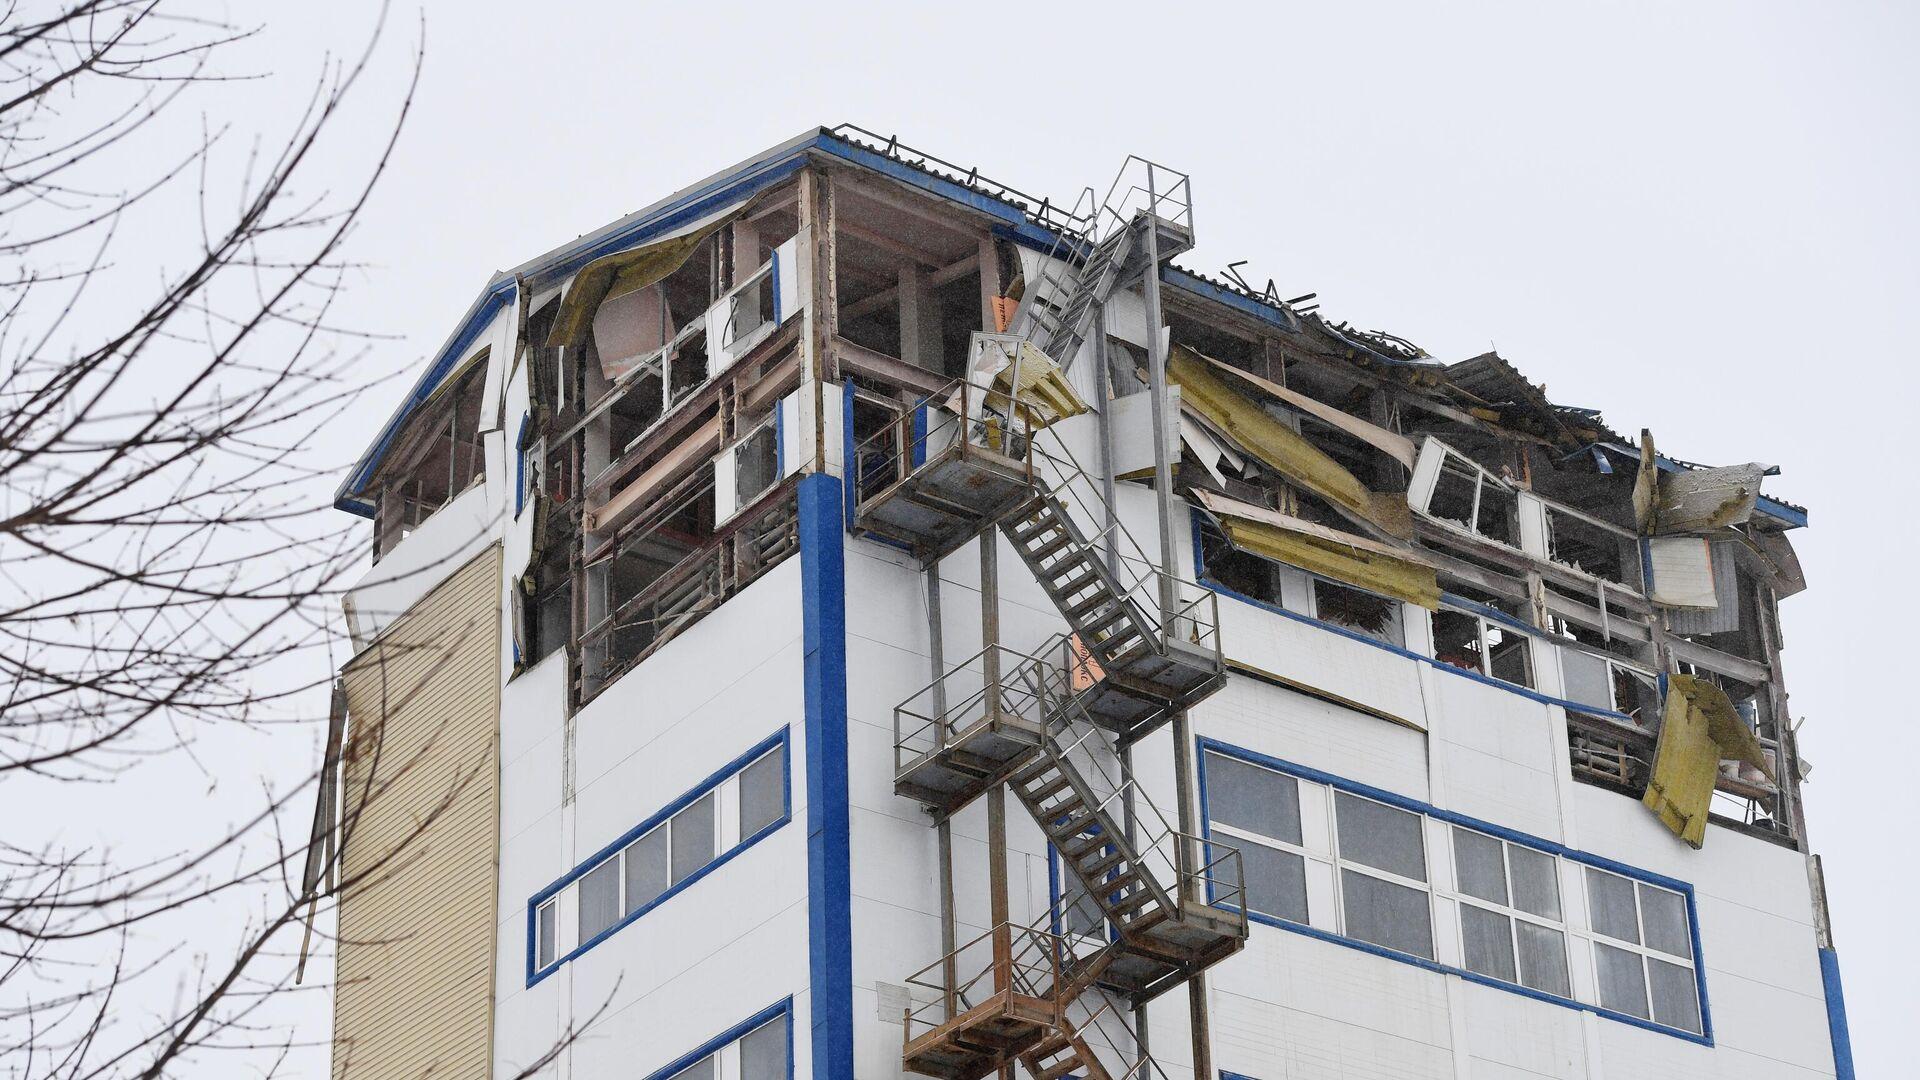 Производственное здание в Новосибирске с частично обрушившимися верхними этажами - РИА Новости, 1920, 11.01.2021